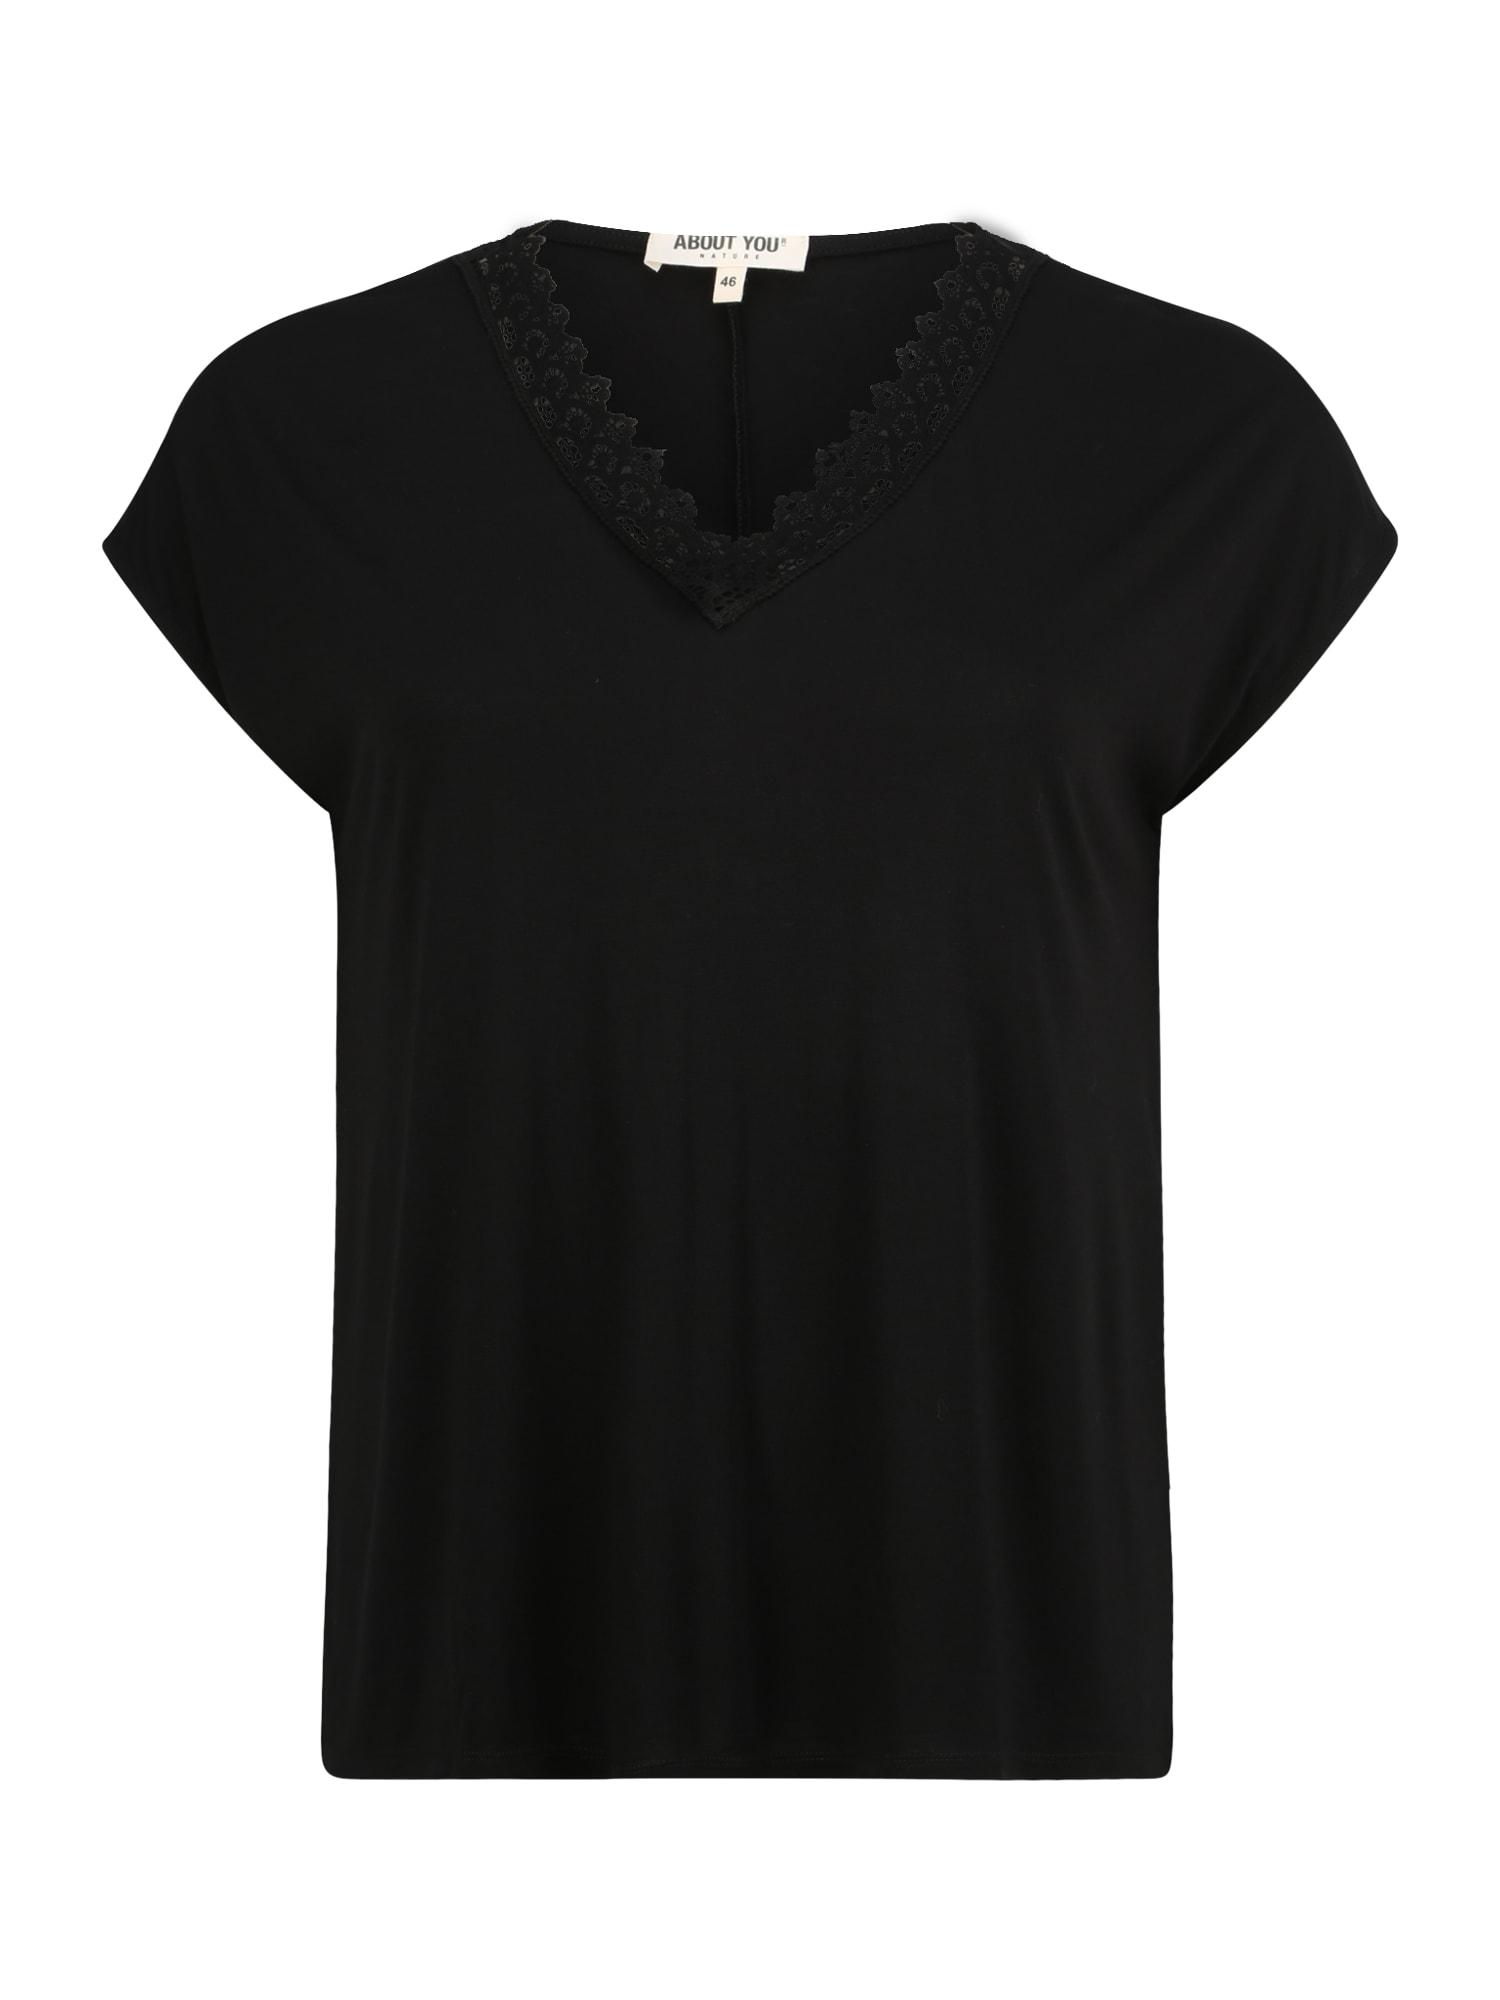 ABOUT YOU Curvy Marškinėliai 'Kate' juoda